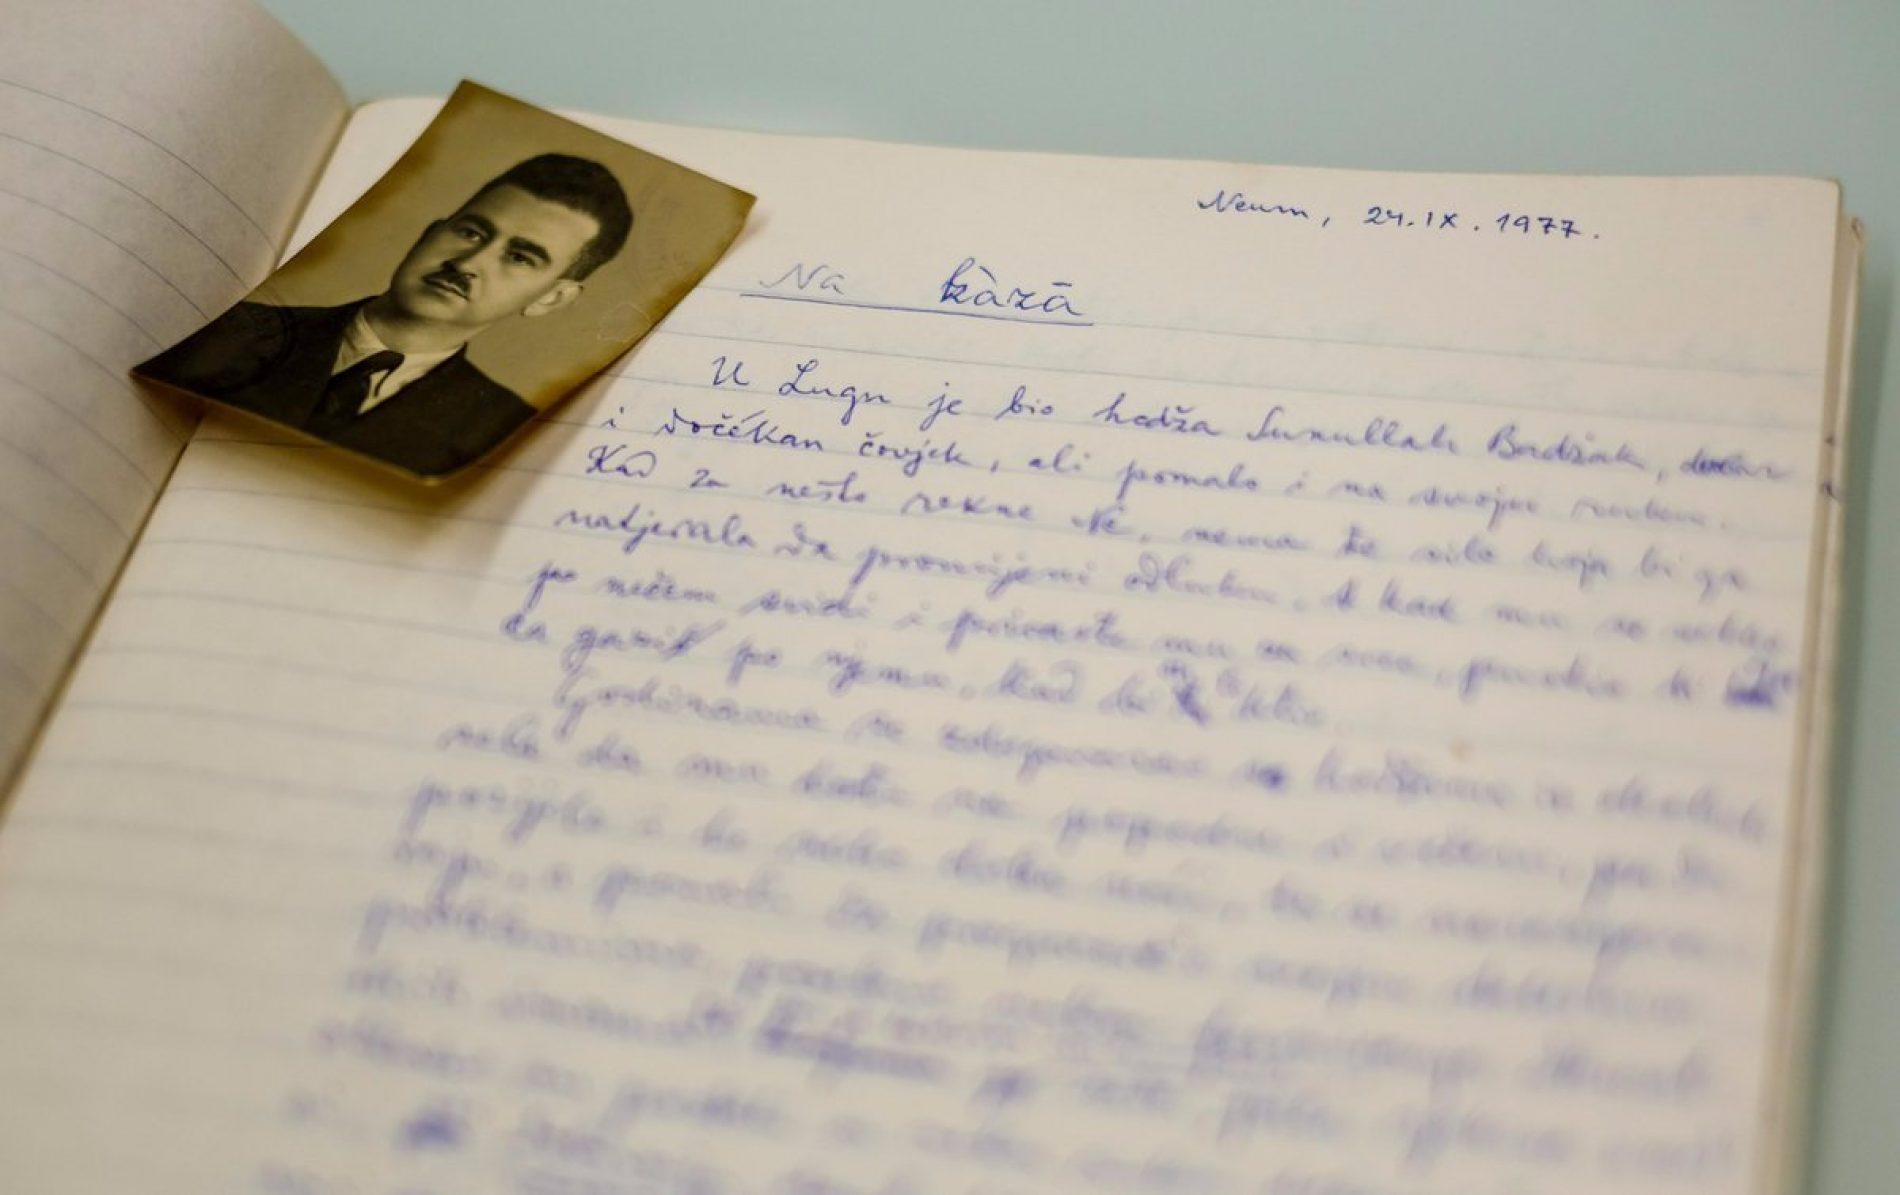 Tri decenije od smrti bosanskog pisca: Krajem godine moguć reprint prvih izdanja Alije Nametka